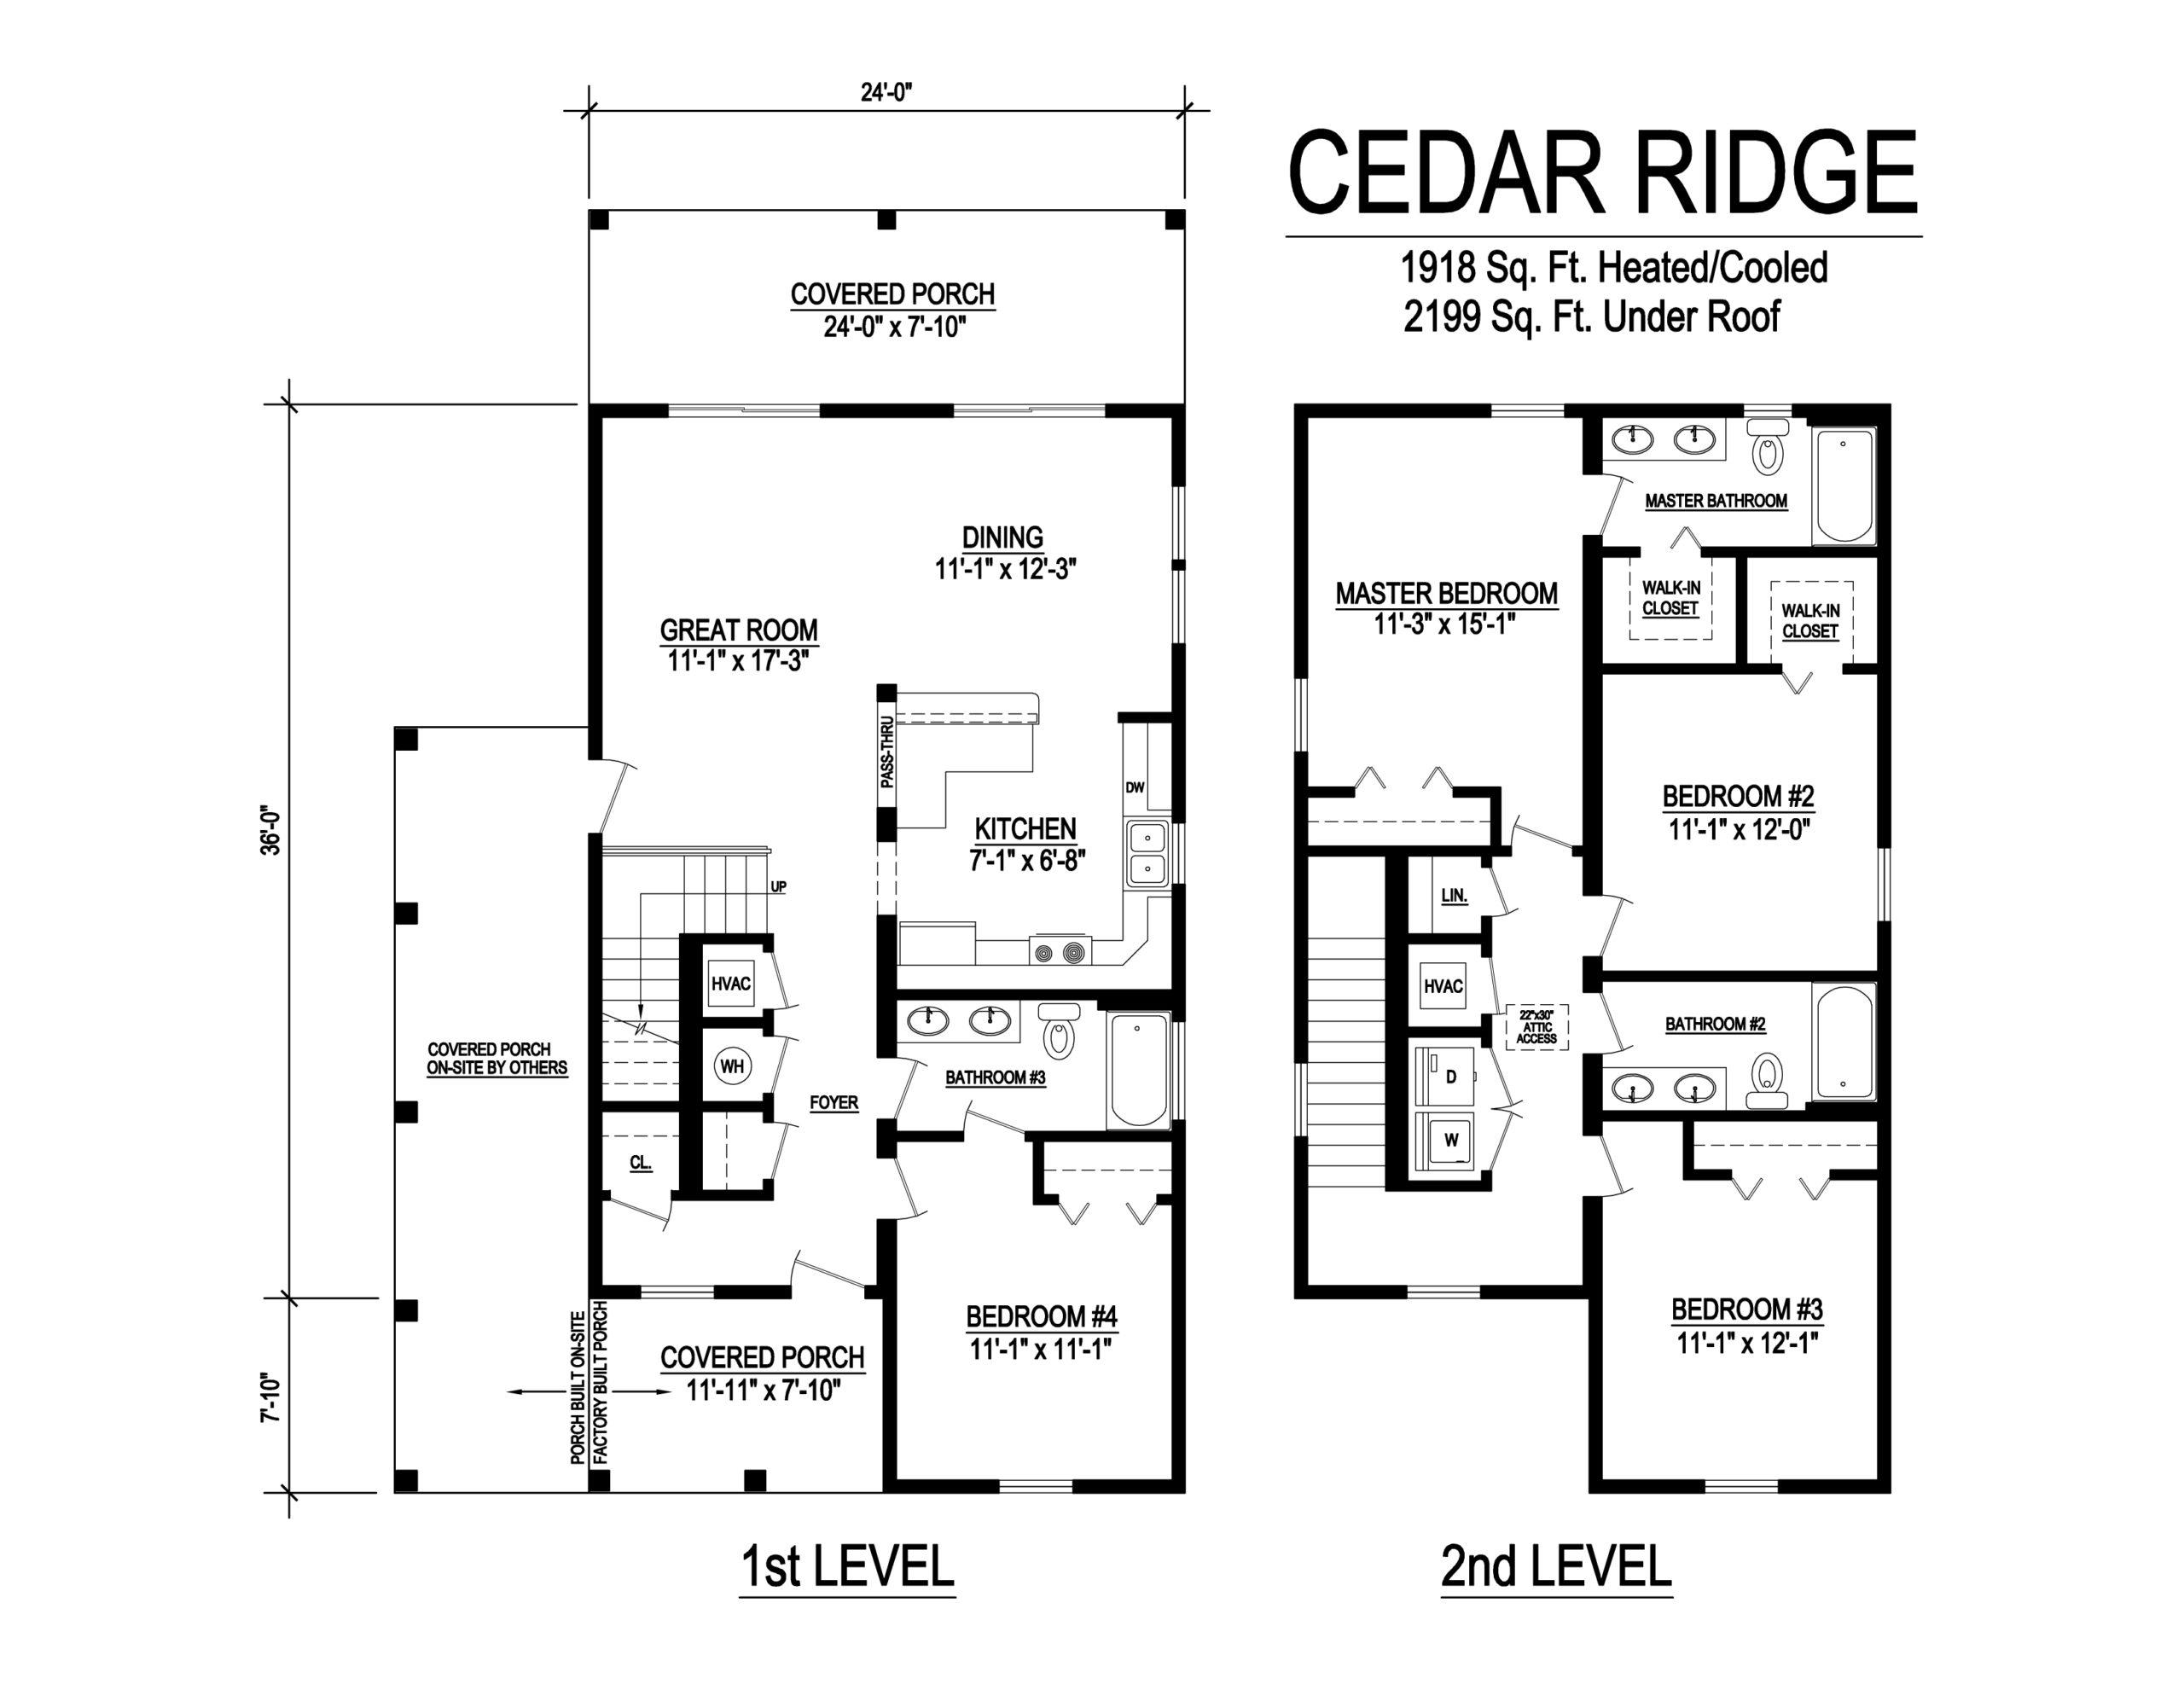 cedar ridge modular home floorplan